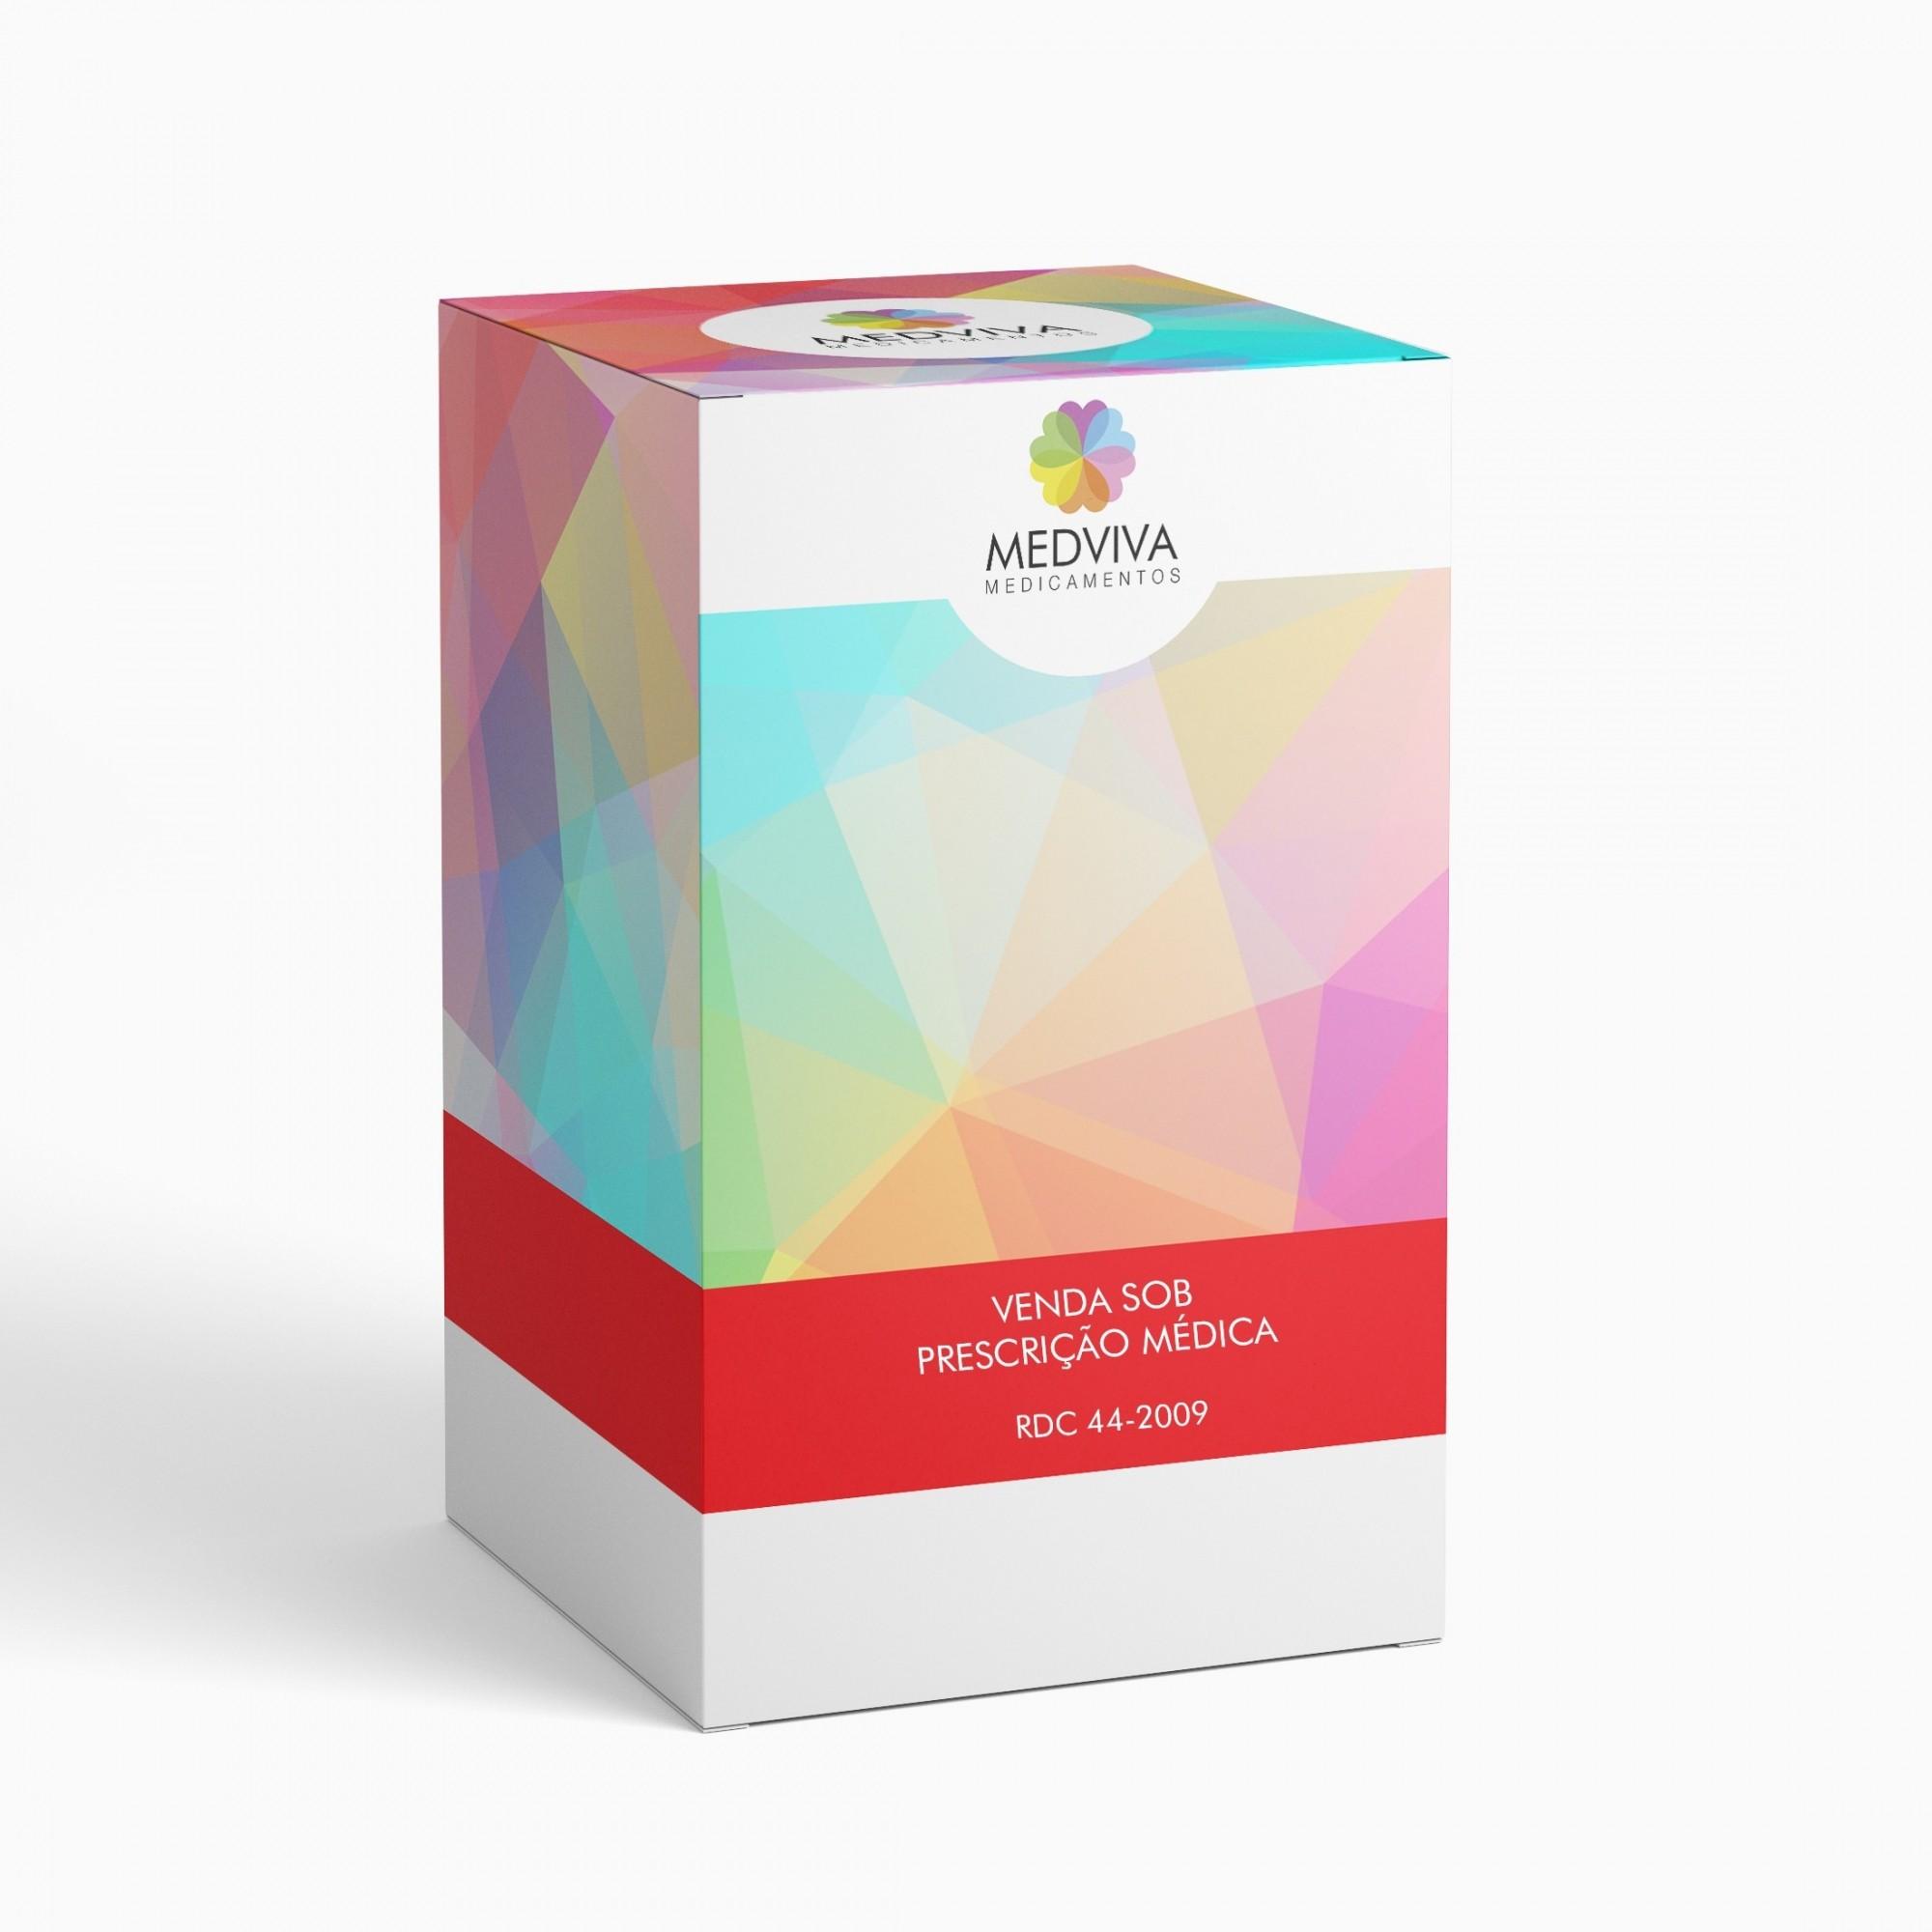 Fluconazol 150 mg 1 Comprimidos  Vitamedic Val: 03/2021